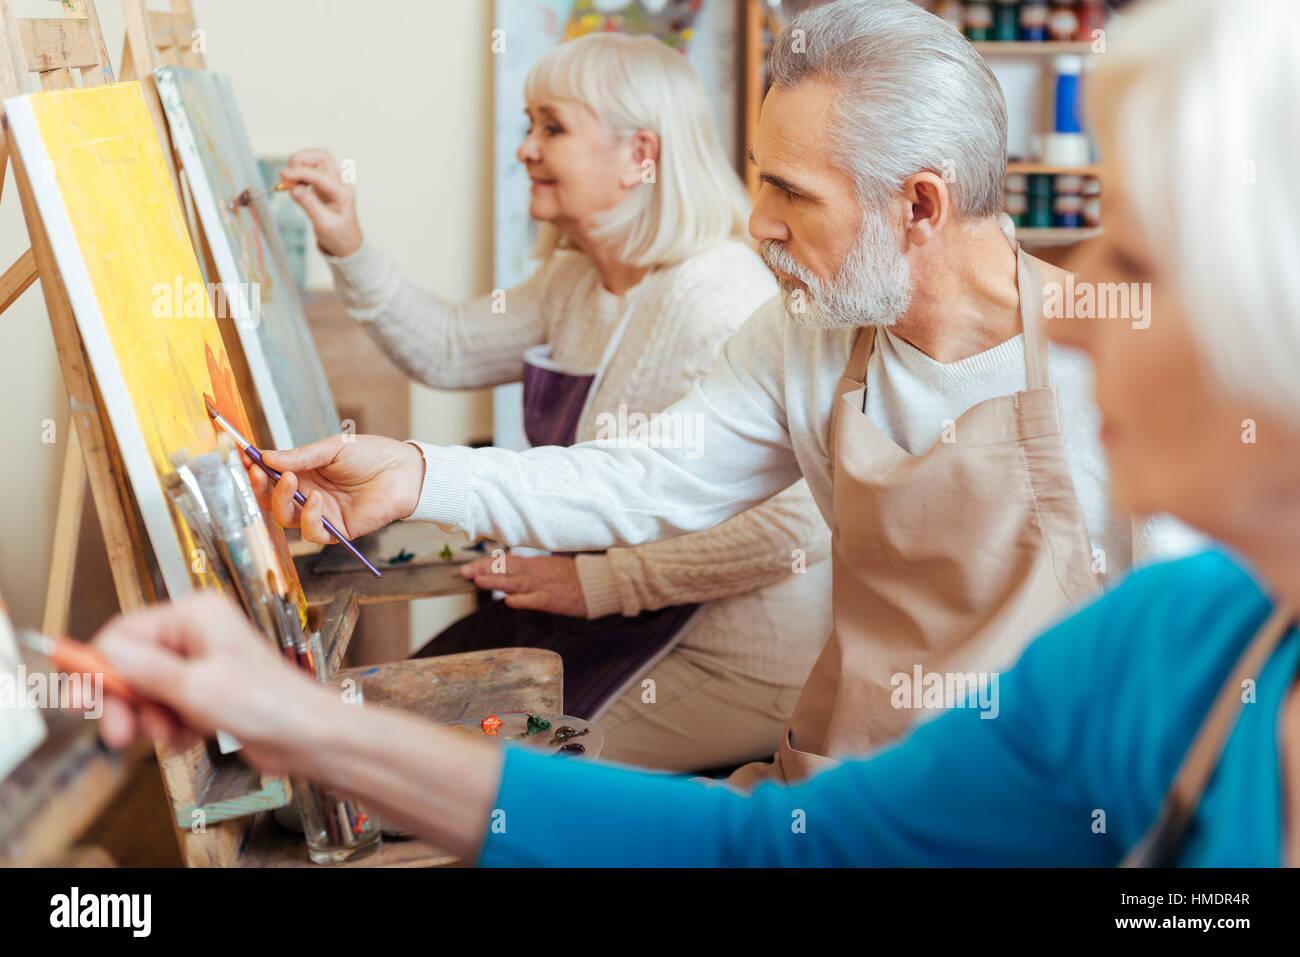 Drei professionelle Künstler, die viel Zeit im Malatelier Stockbild